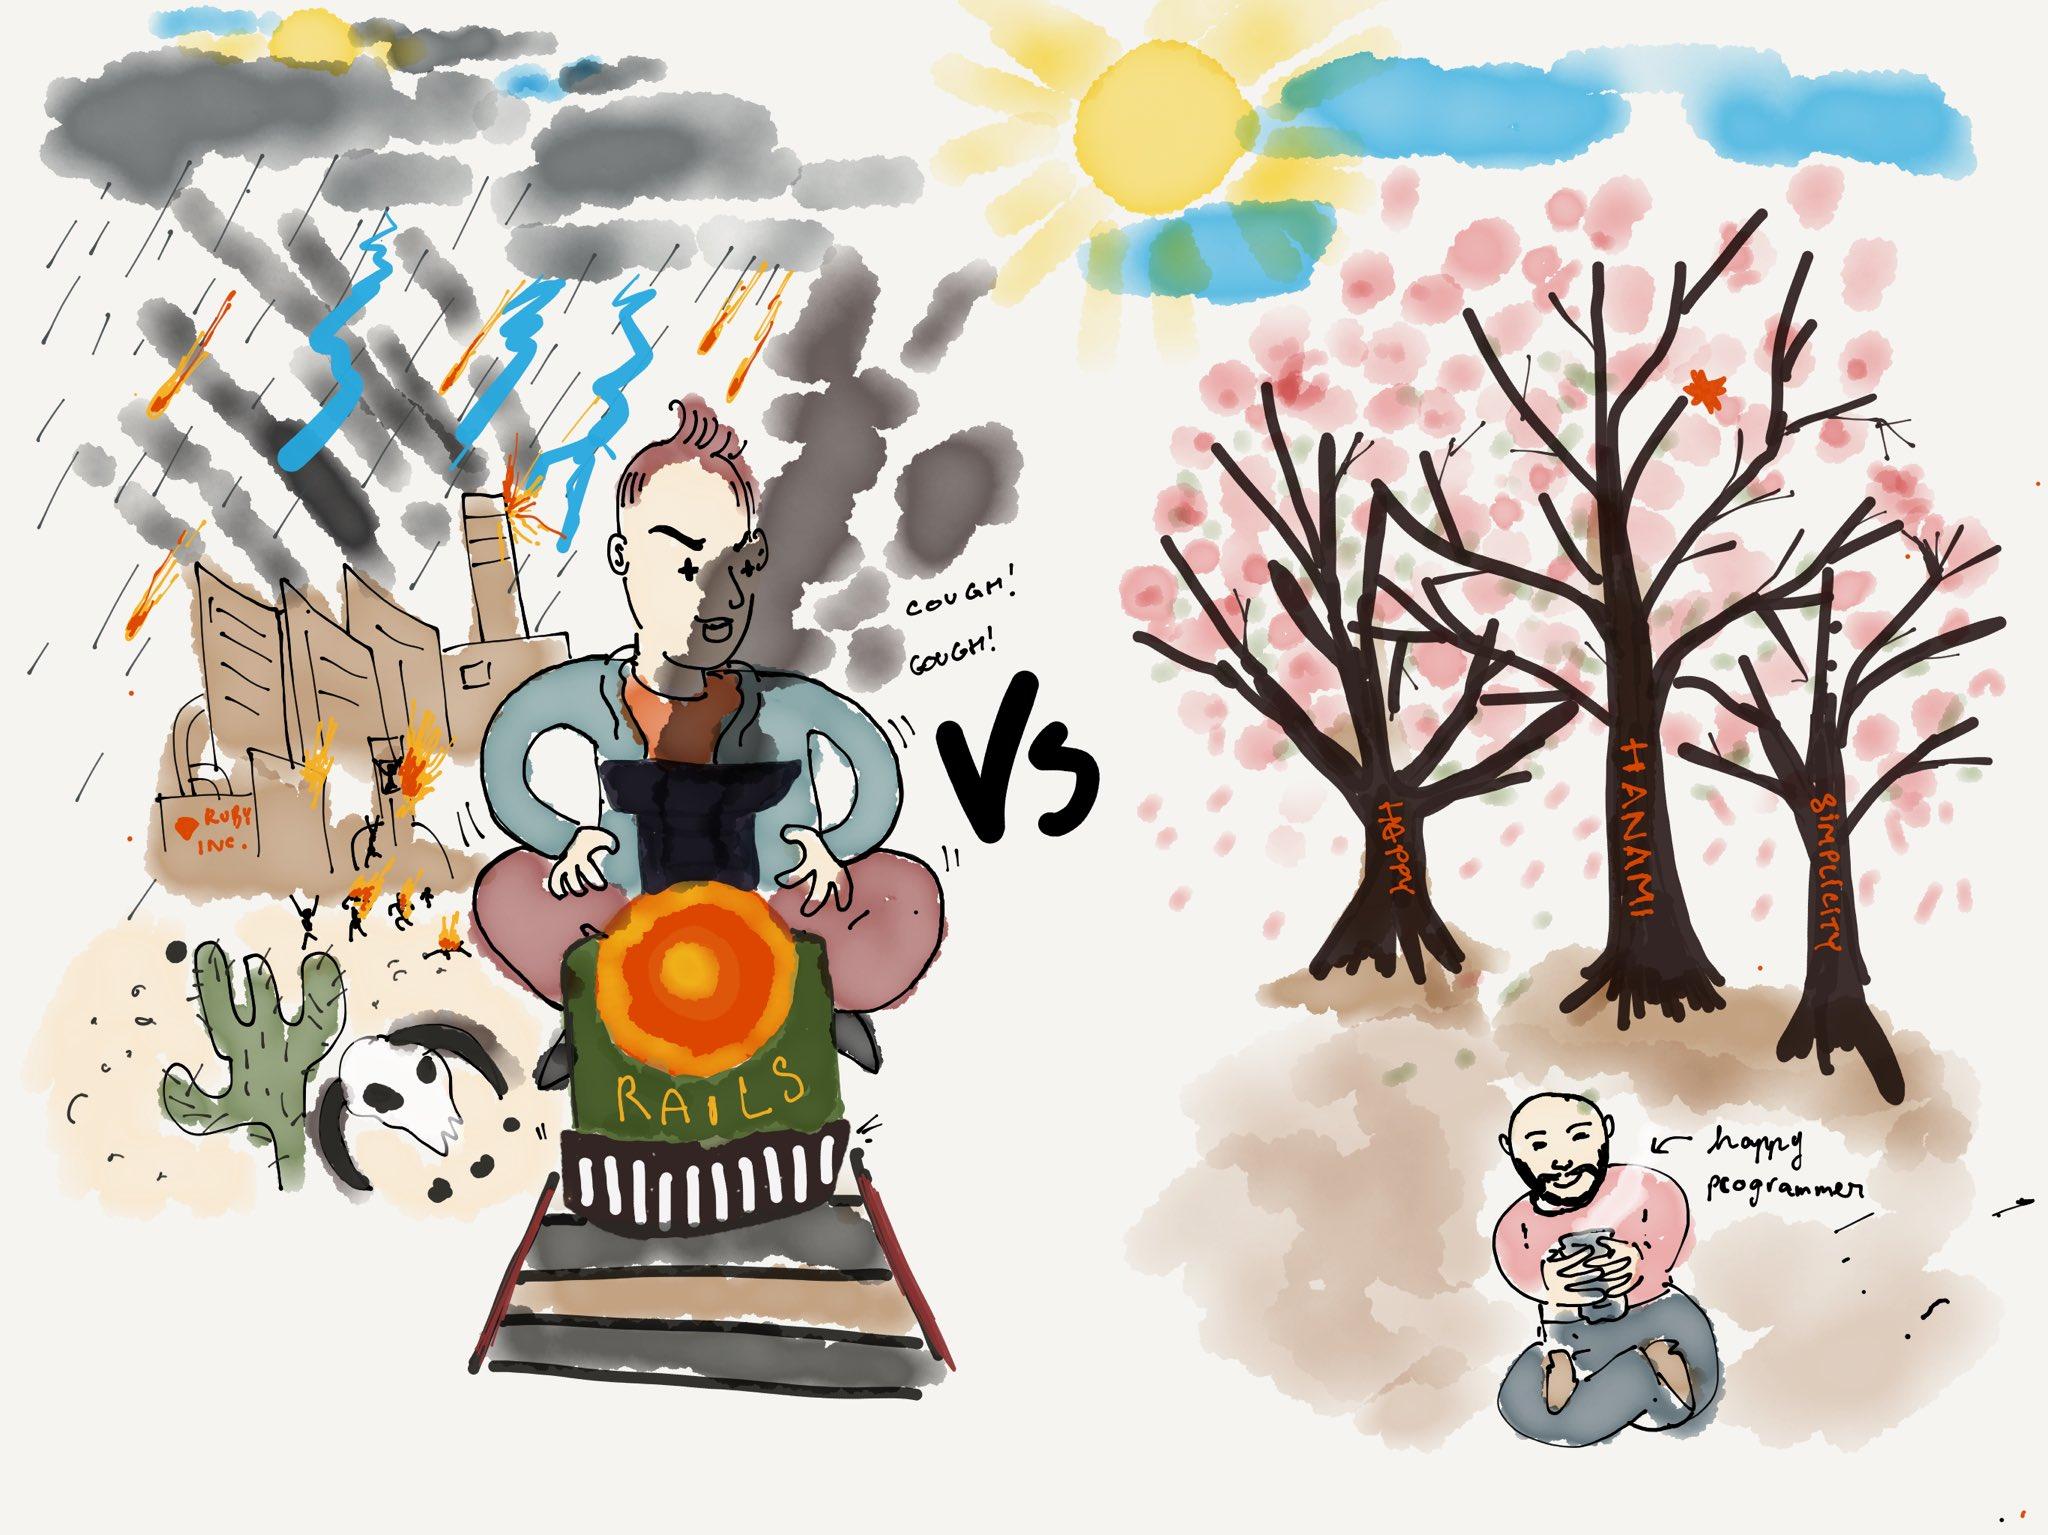 Rails vs Hanami